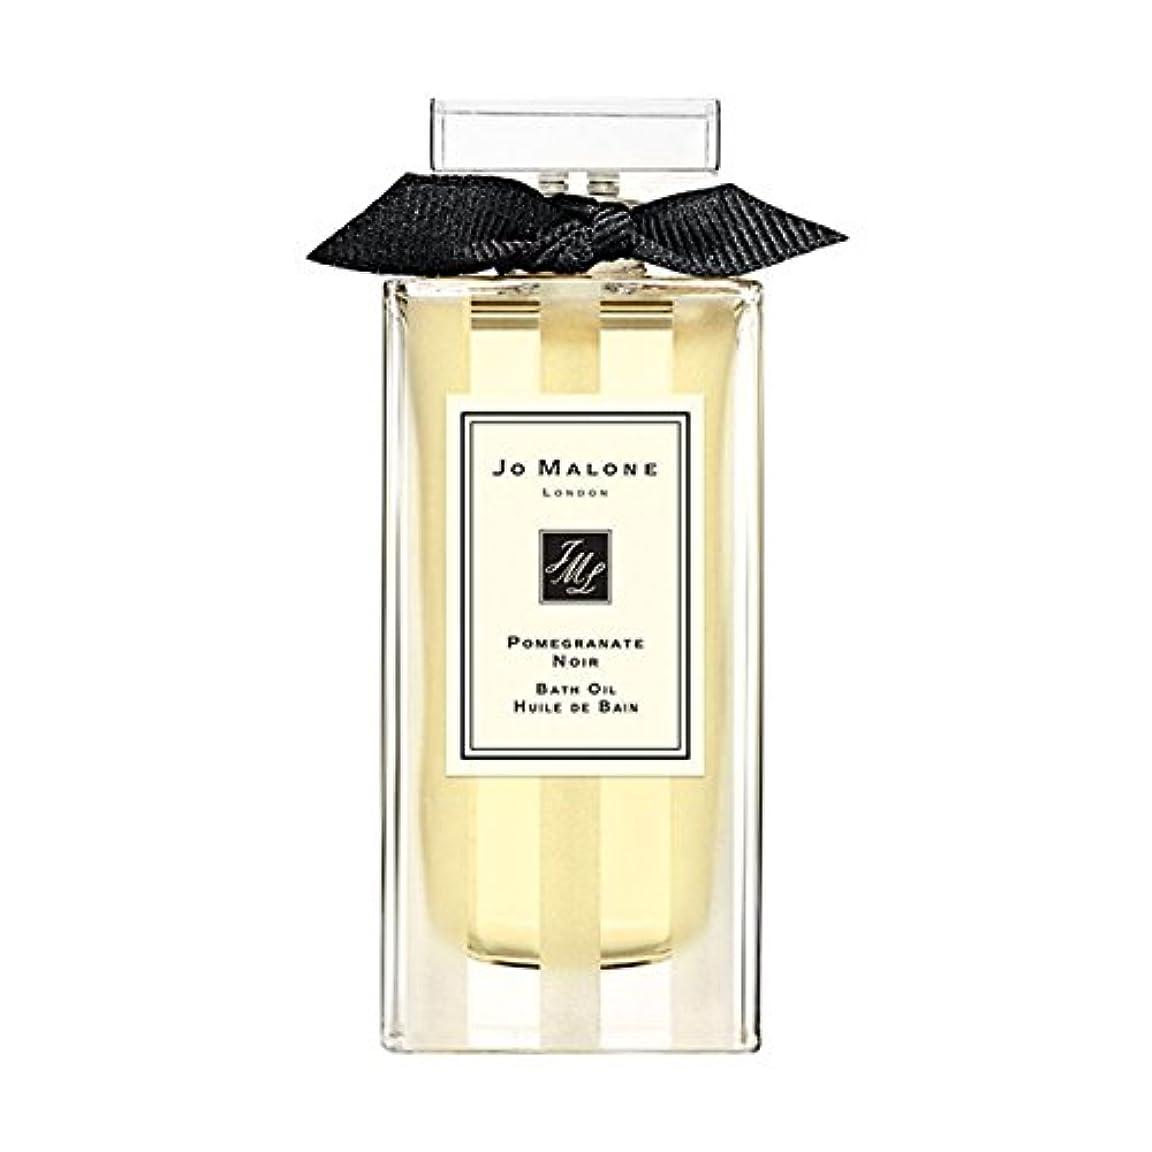 アーサーコナンドイルに話す公式Jo Malone ジョーマローン, バスオイル -ザクロ?ノワール (30ml),'Pomegranate Noir' Bath Oil (1oz) [海外直送品] [並行輸入品]